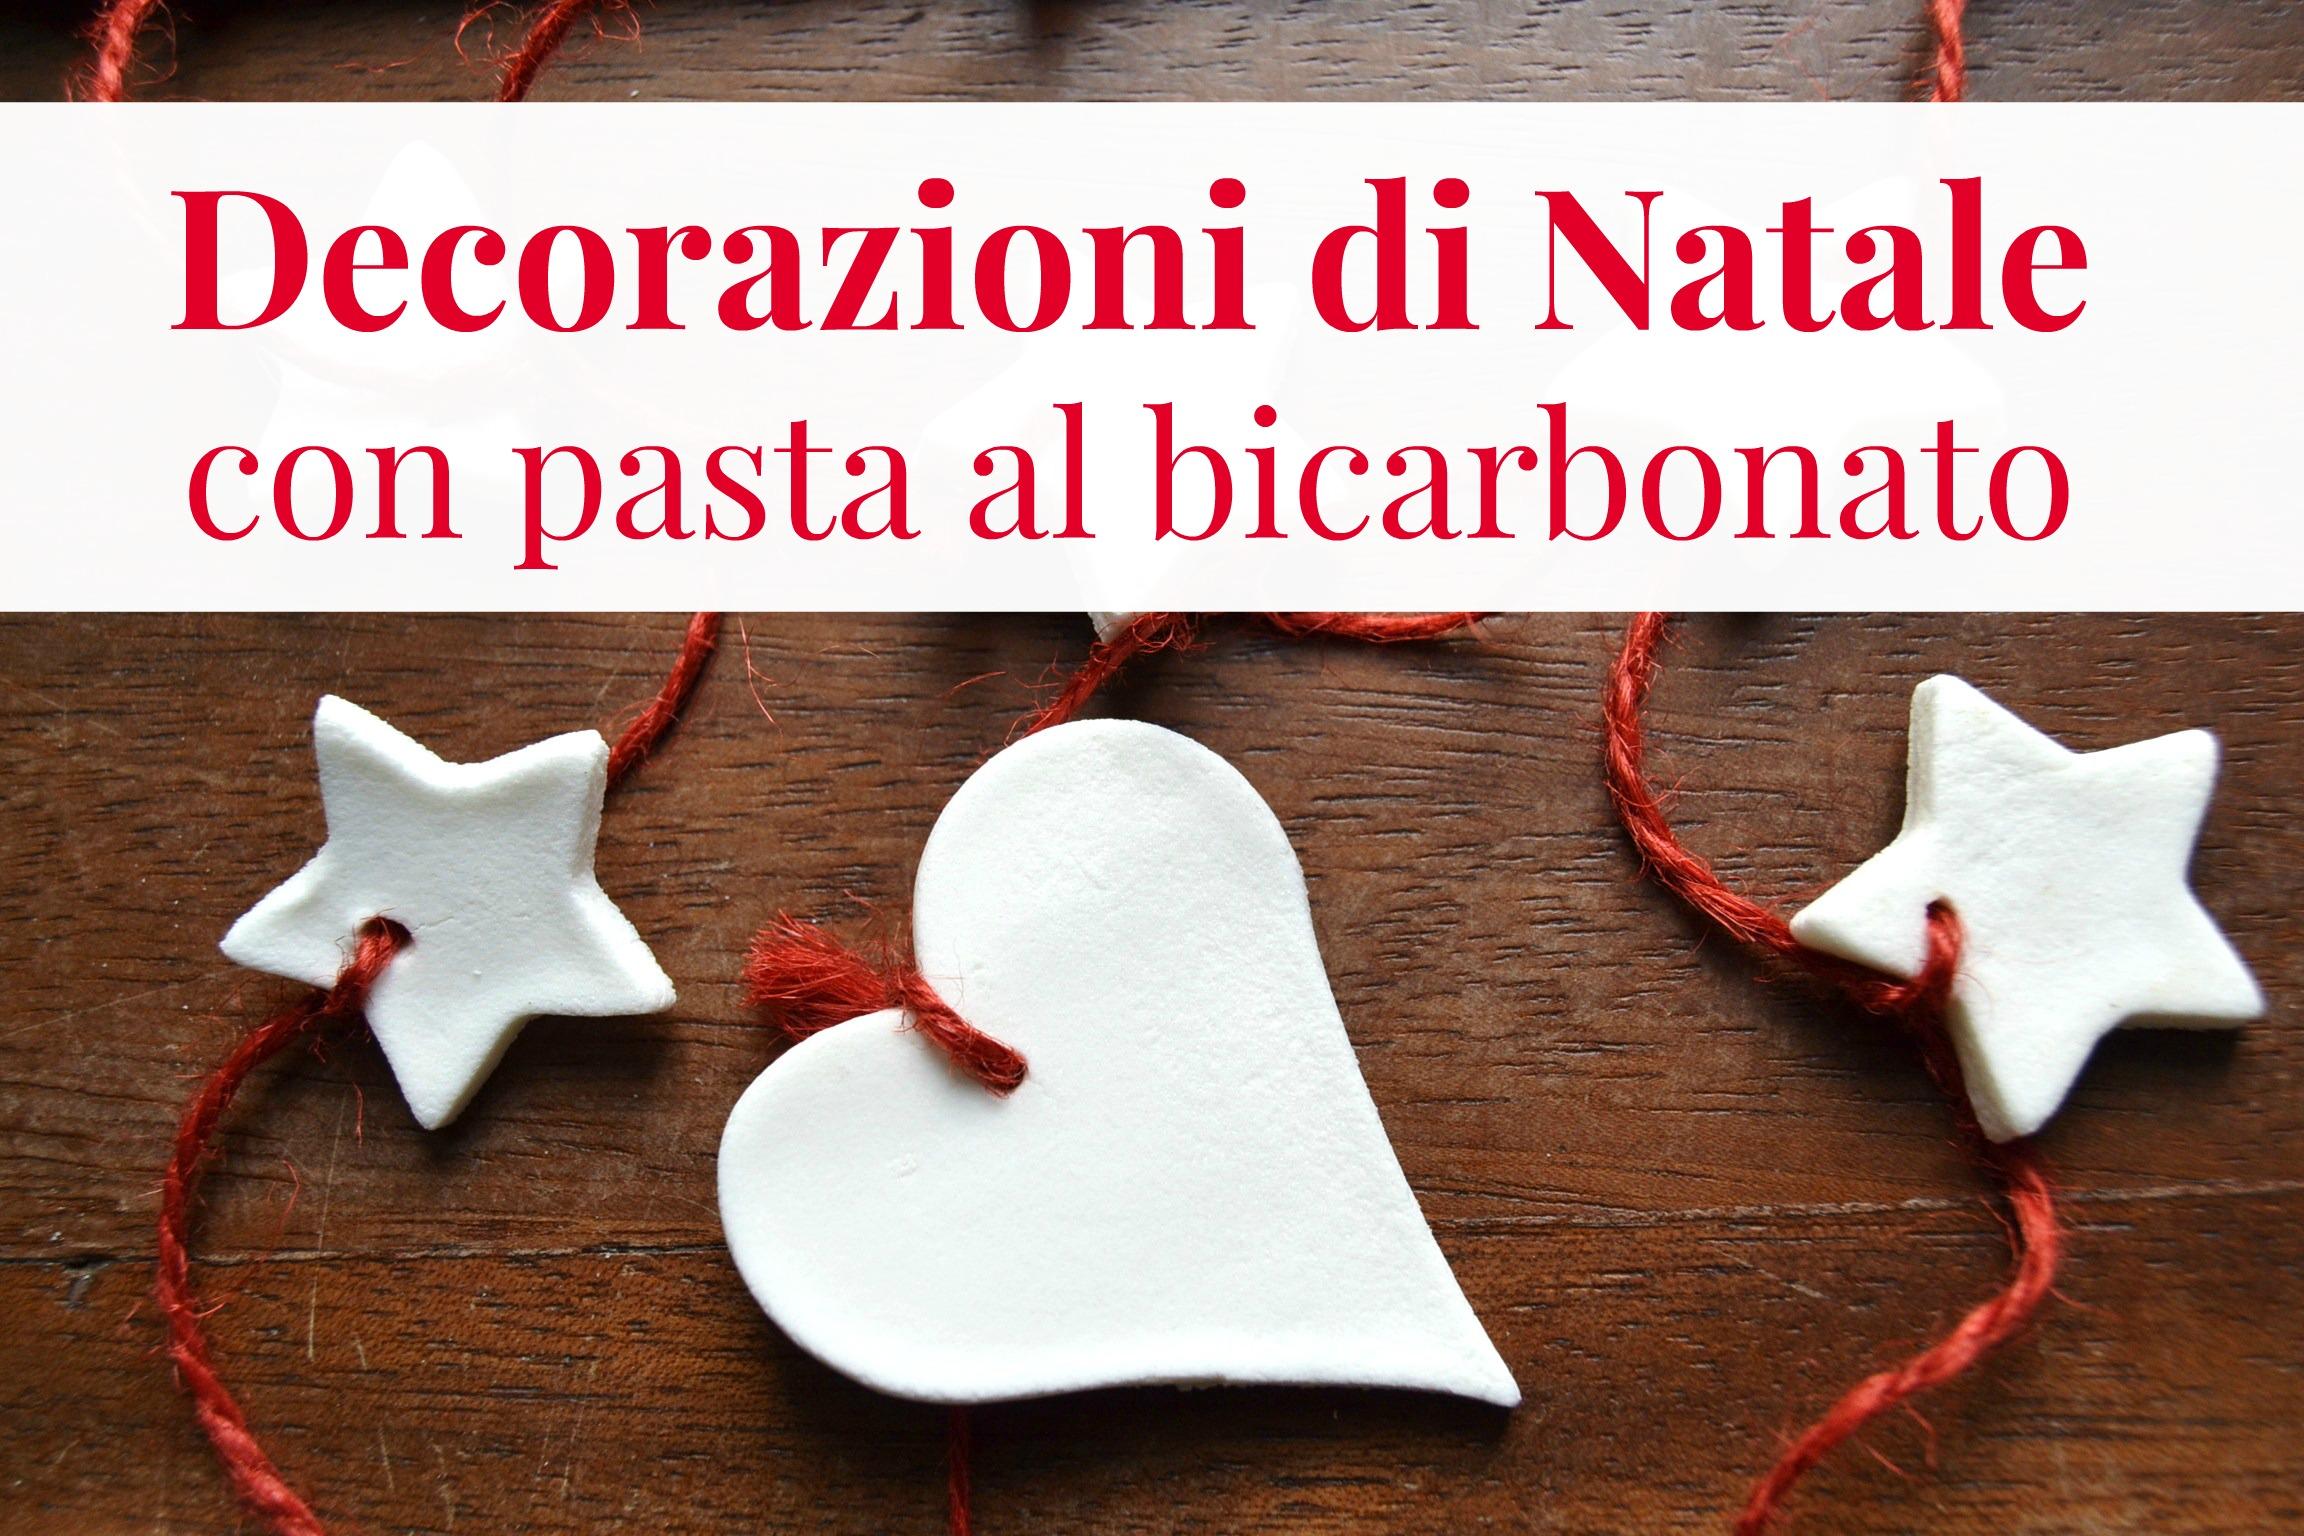 Super Decorazioni natalizie con pasta al bicarbonato - BabyGreen MX35